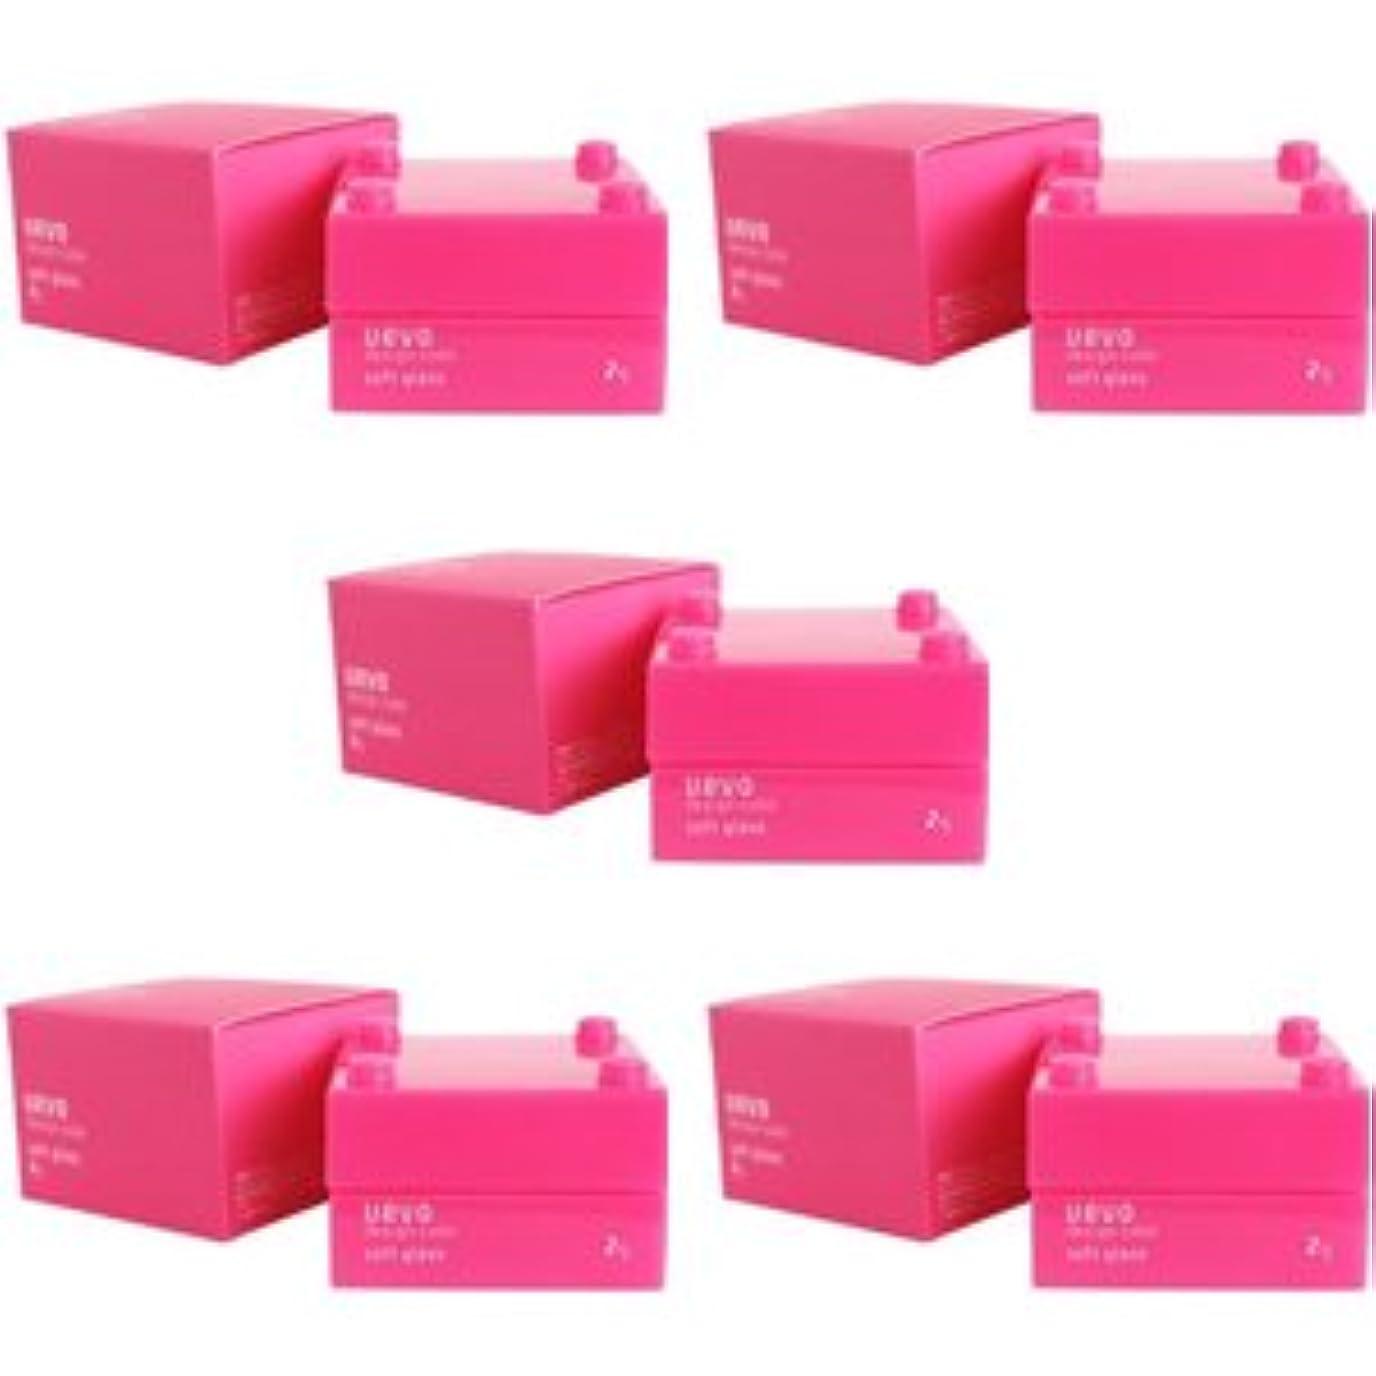 タイプ何もないウール【X5個セット】 デミ ウェーボ デザインキューブ ソフトグロス 30g soft gloss DEMI uevo design cube